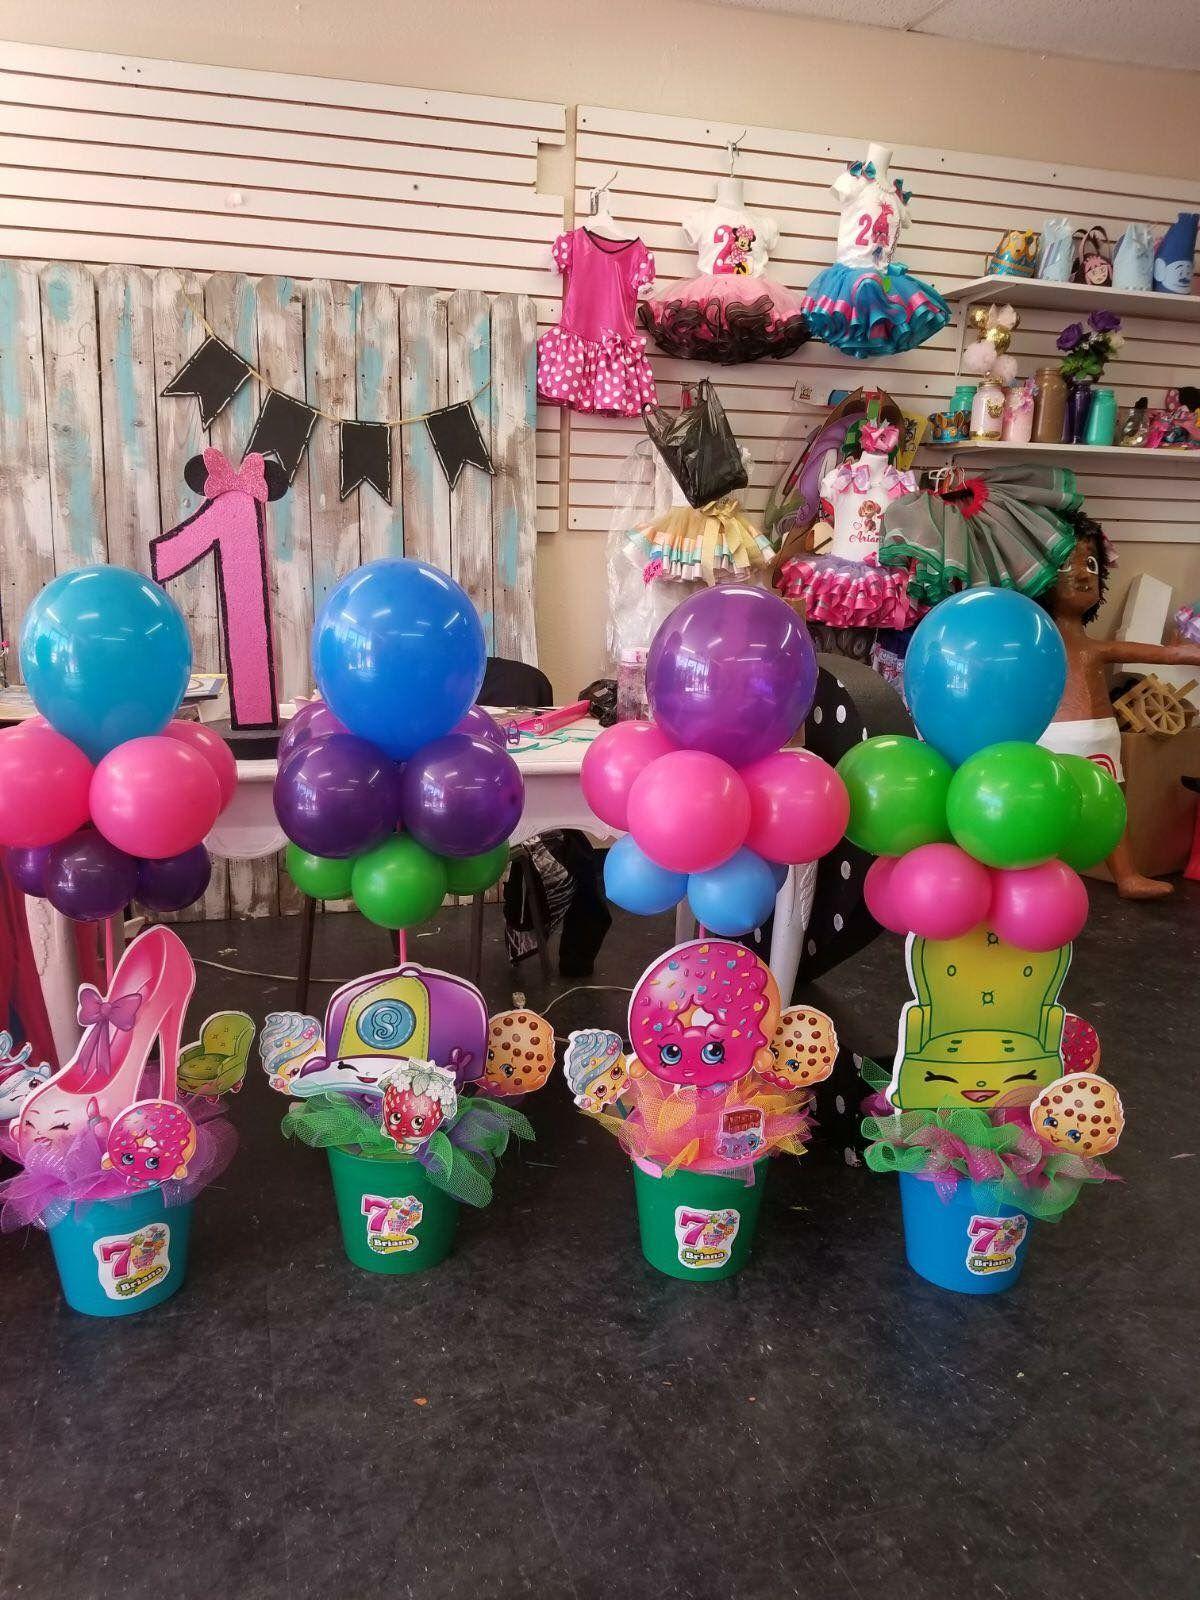 Shopkins Centerpieces Shopkins Party Decorations Shopkins Birthday Party Decoration Shopkins Birthday Party